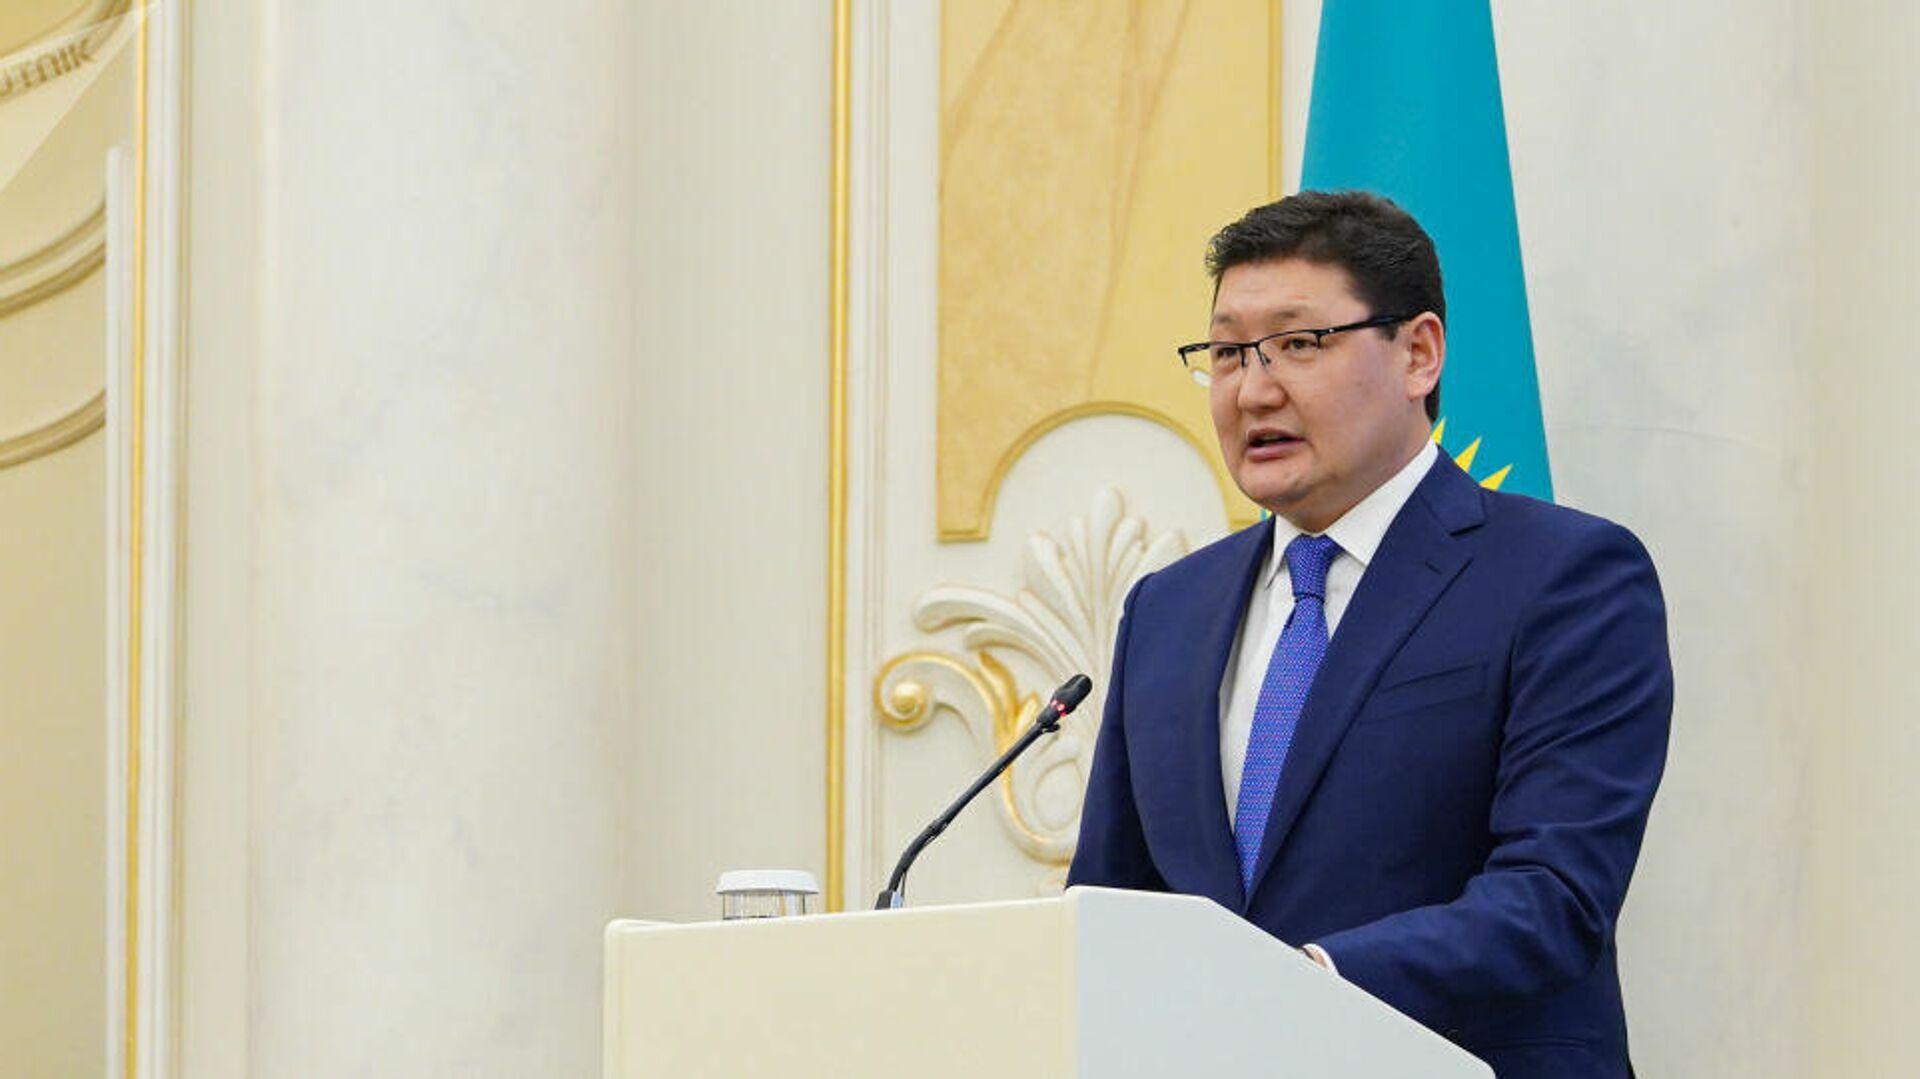 Пресс-секретарь президента Казахстана Берик Уали - РИА Новости, 1920, 07.09.2021